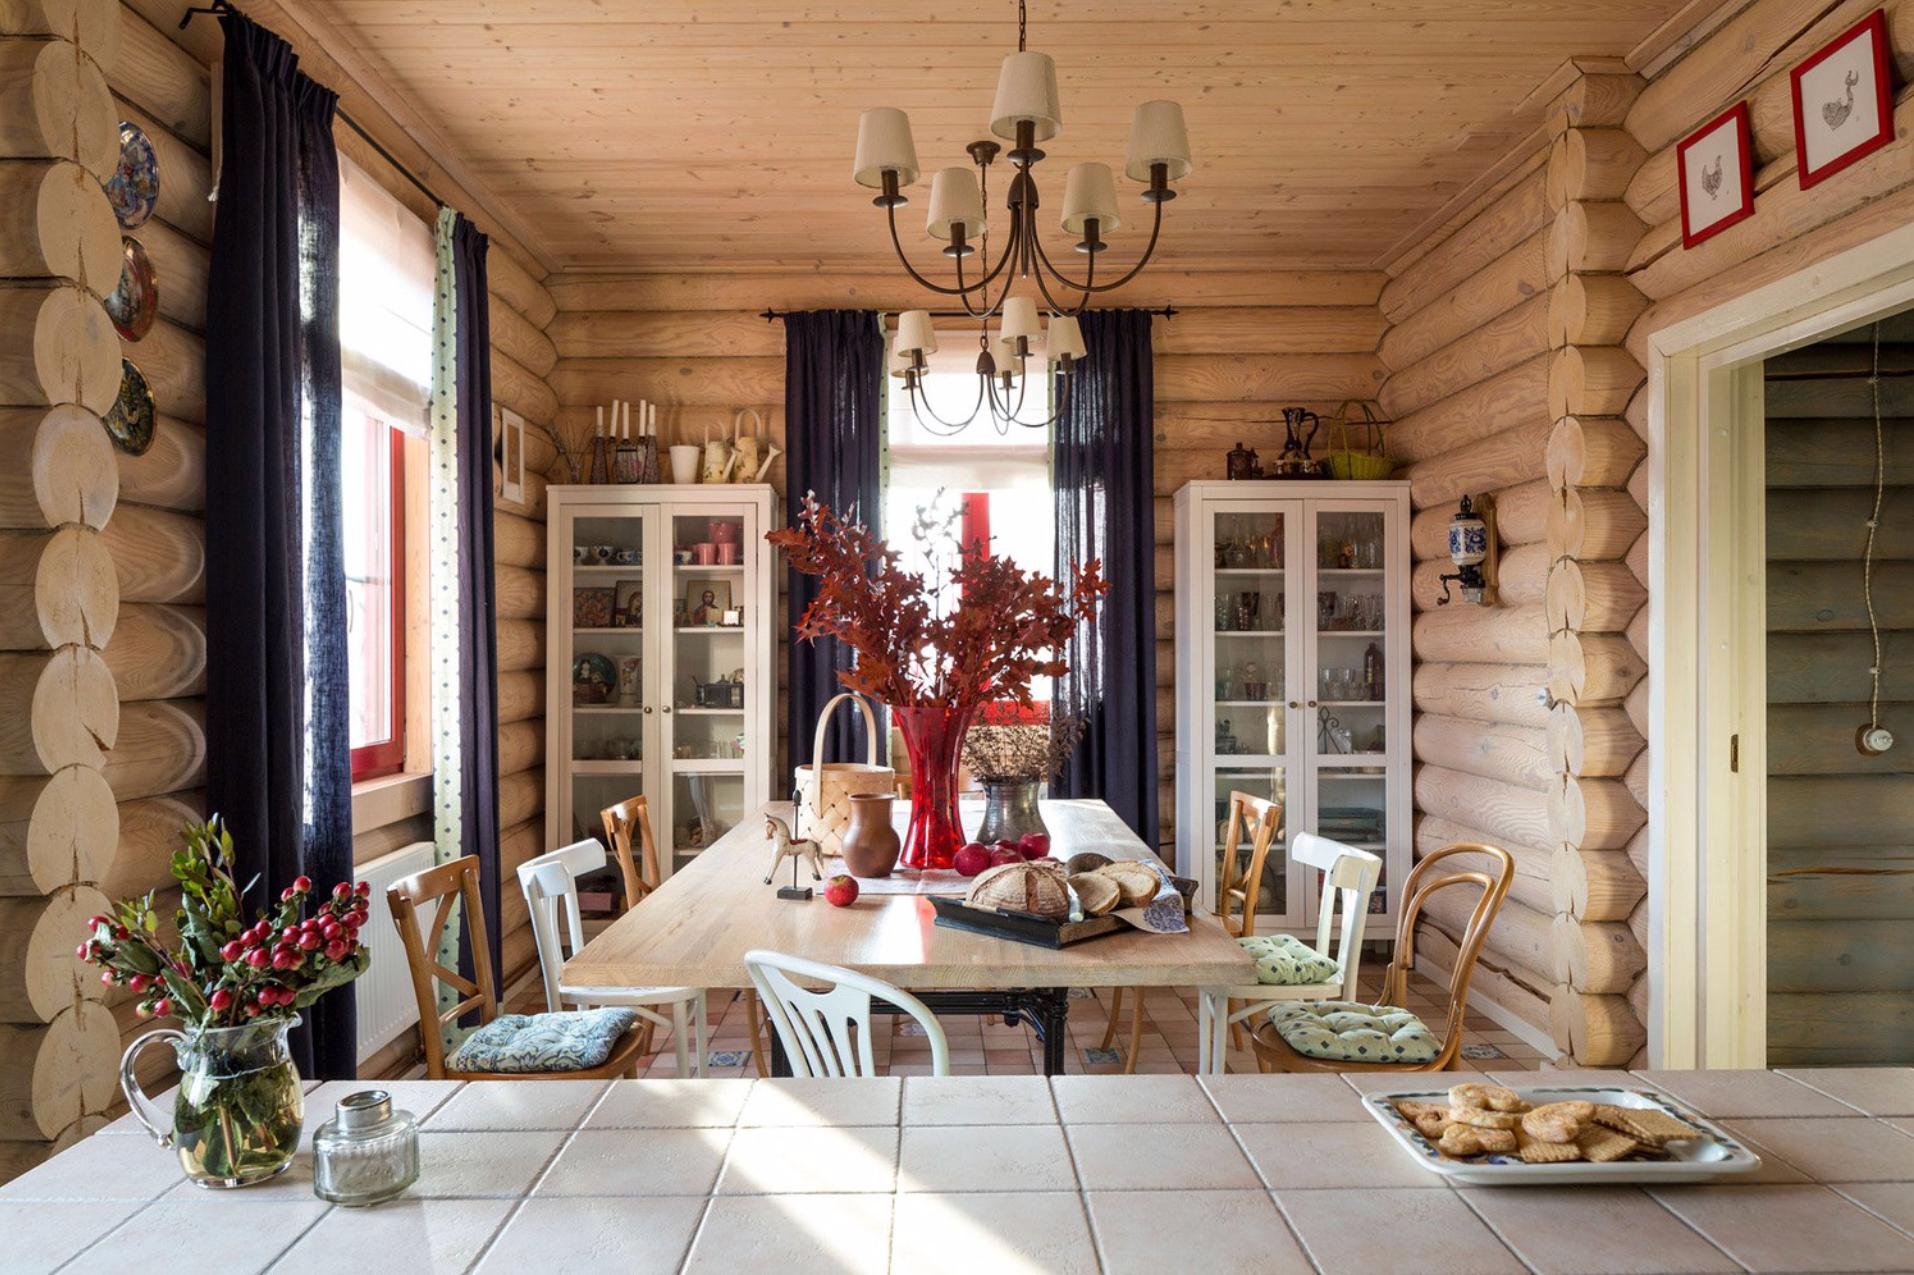 Как оформить интерьер кухни на даче: стилистические решения и 45+ фотоидей